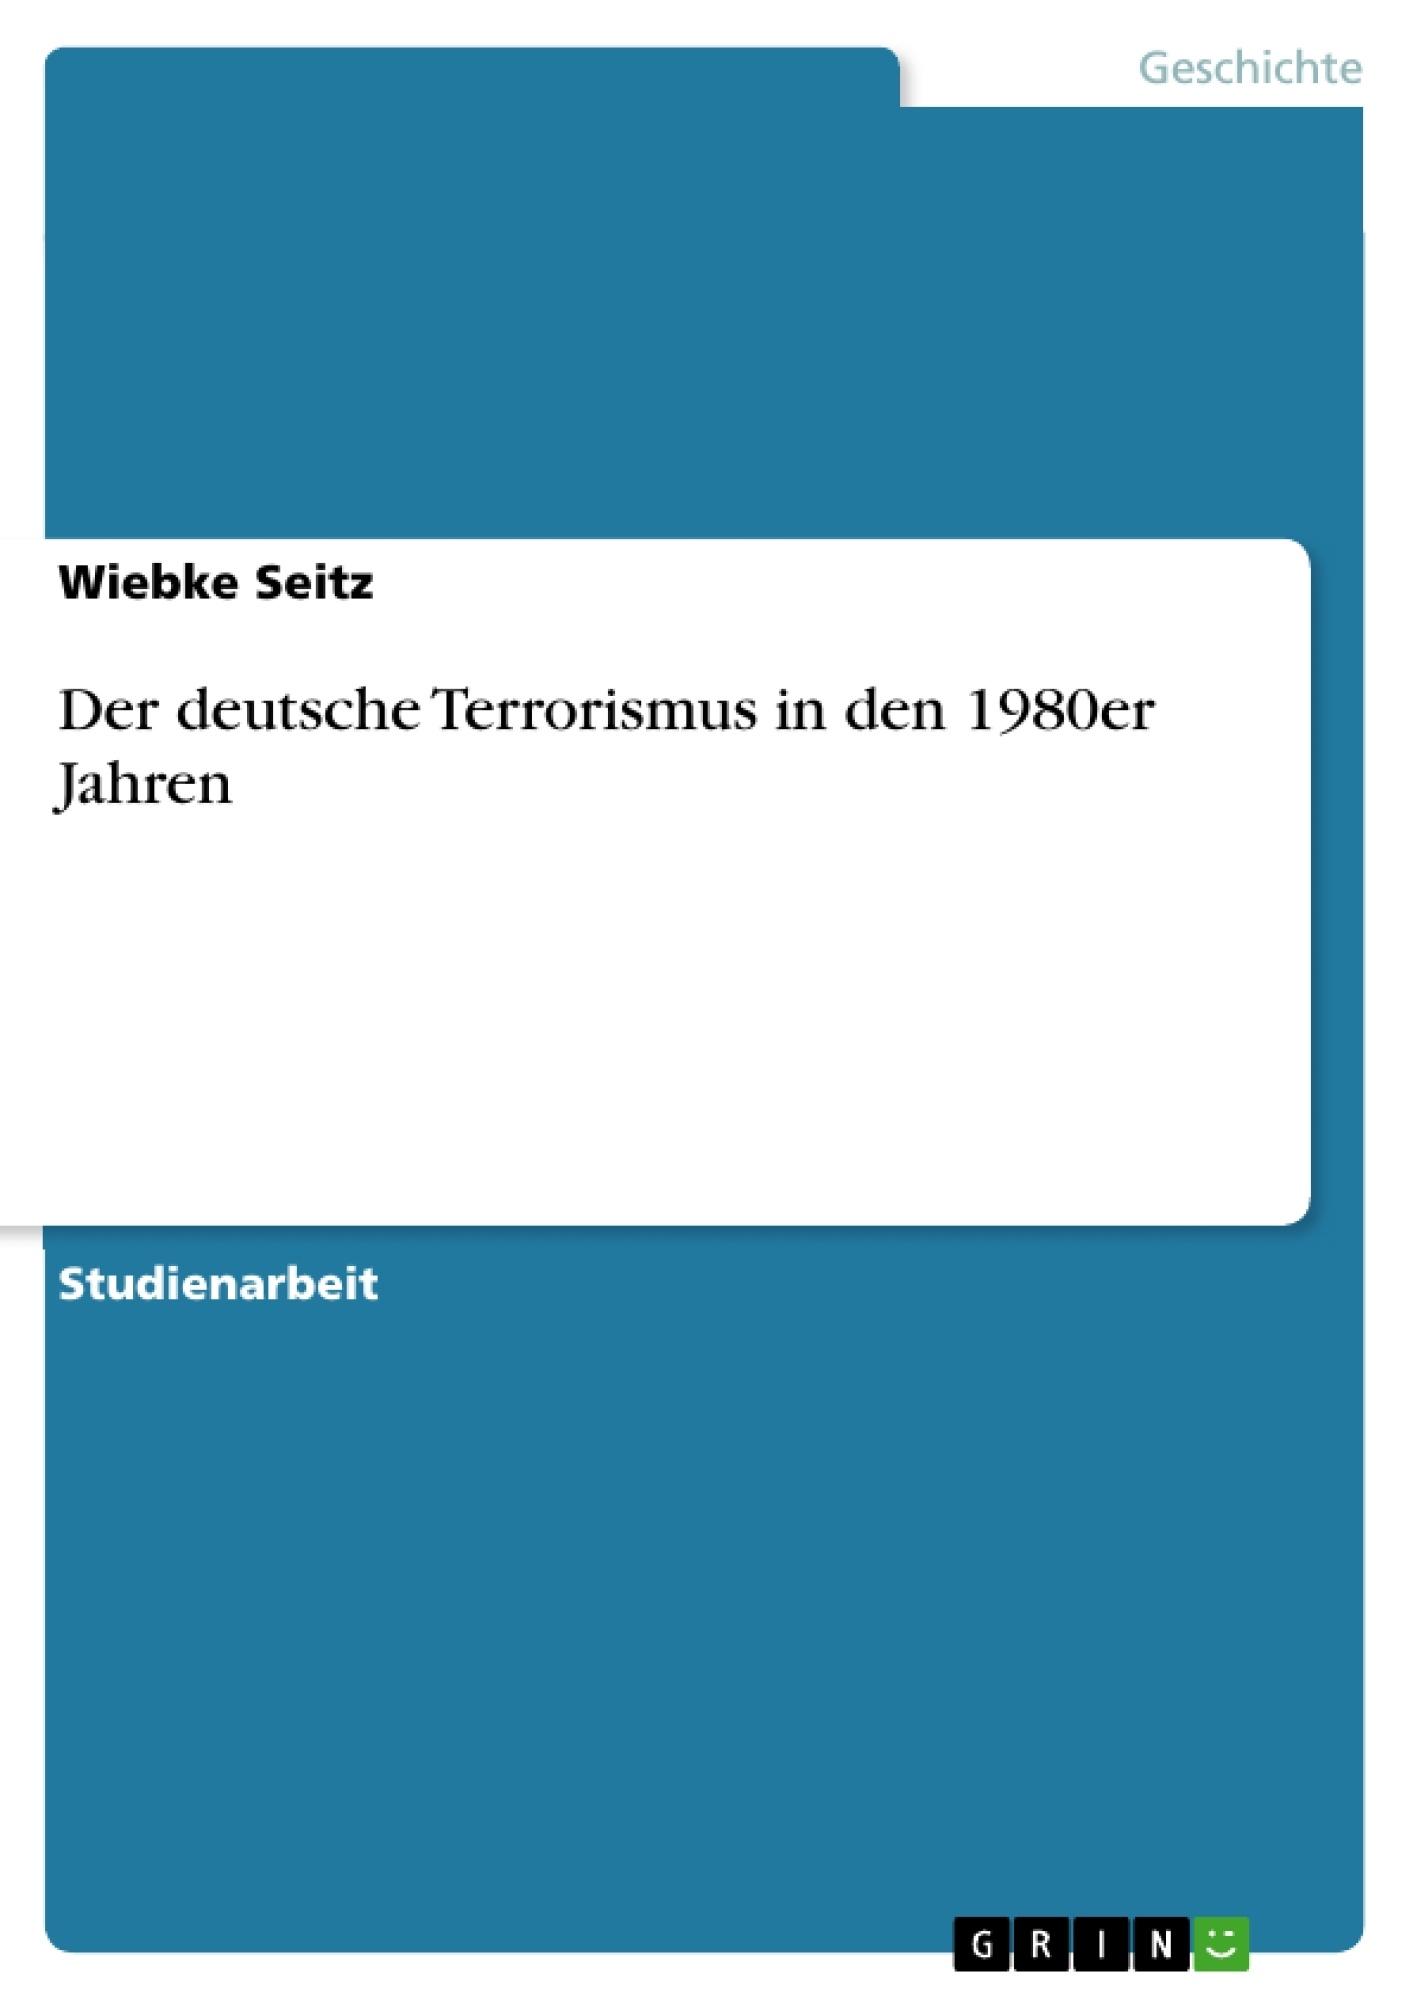 Titel: Der deutsche Terrorismus in den 1980er Jahren